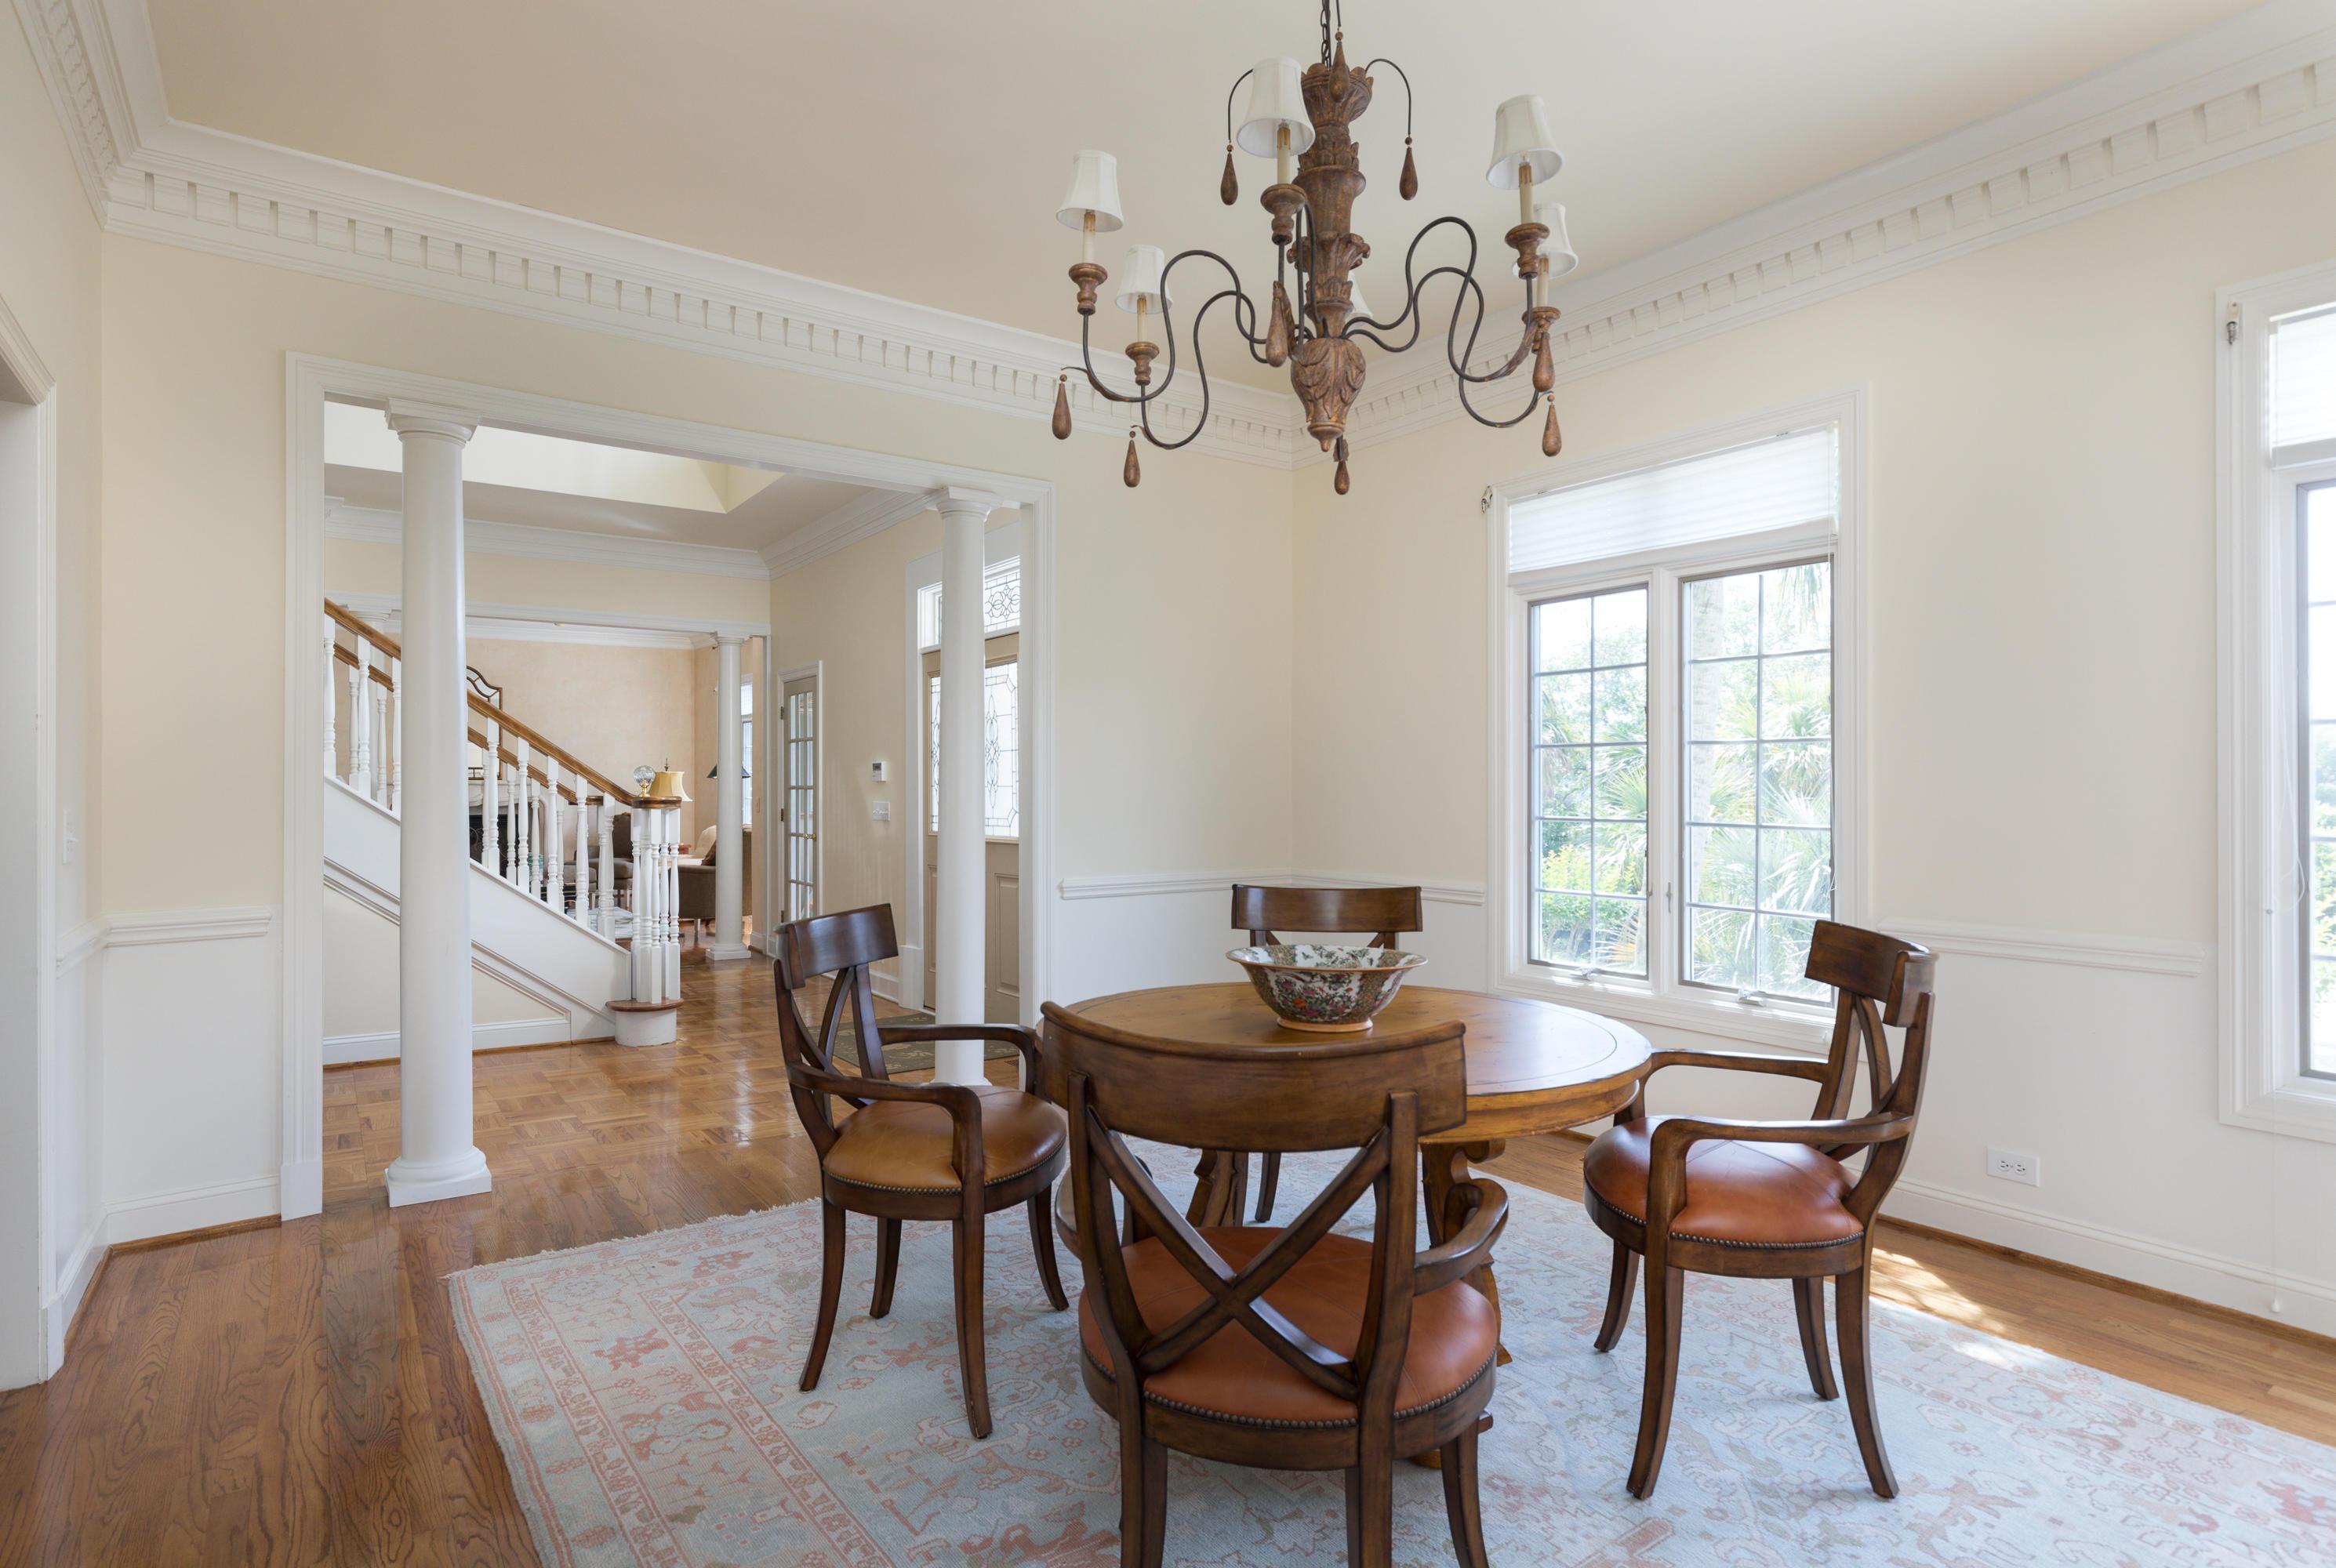 Seabrook Island Homes For Sale - 3640 Pompano, Seabrook Island, SC - 61